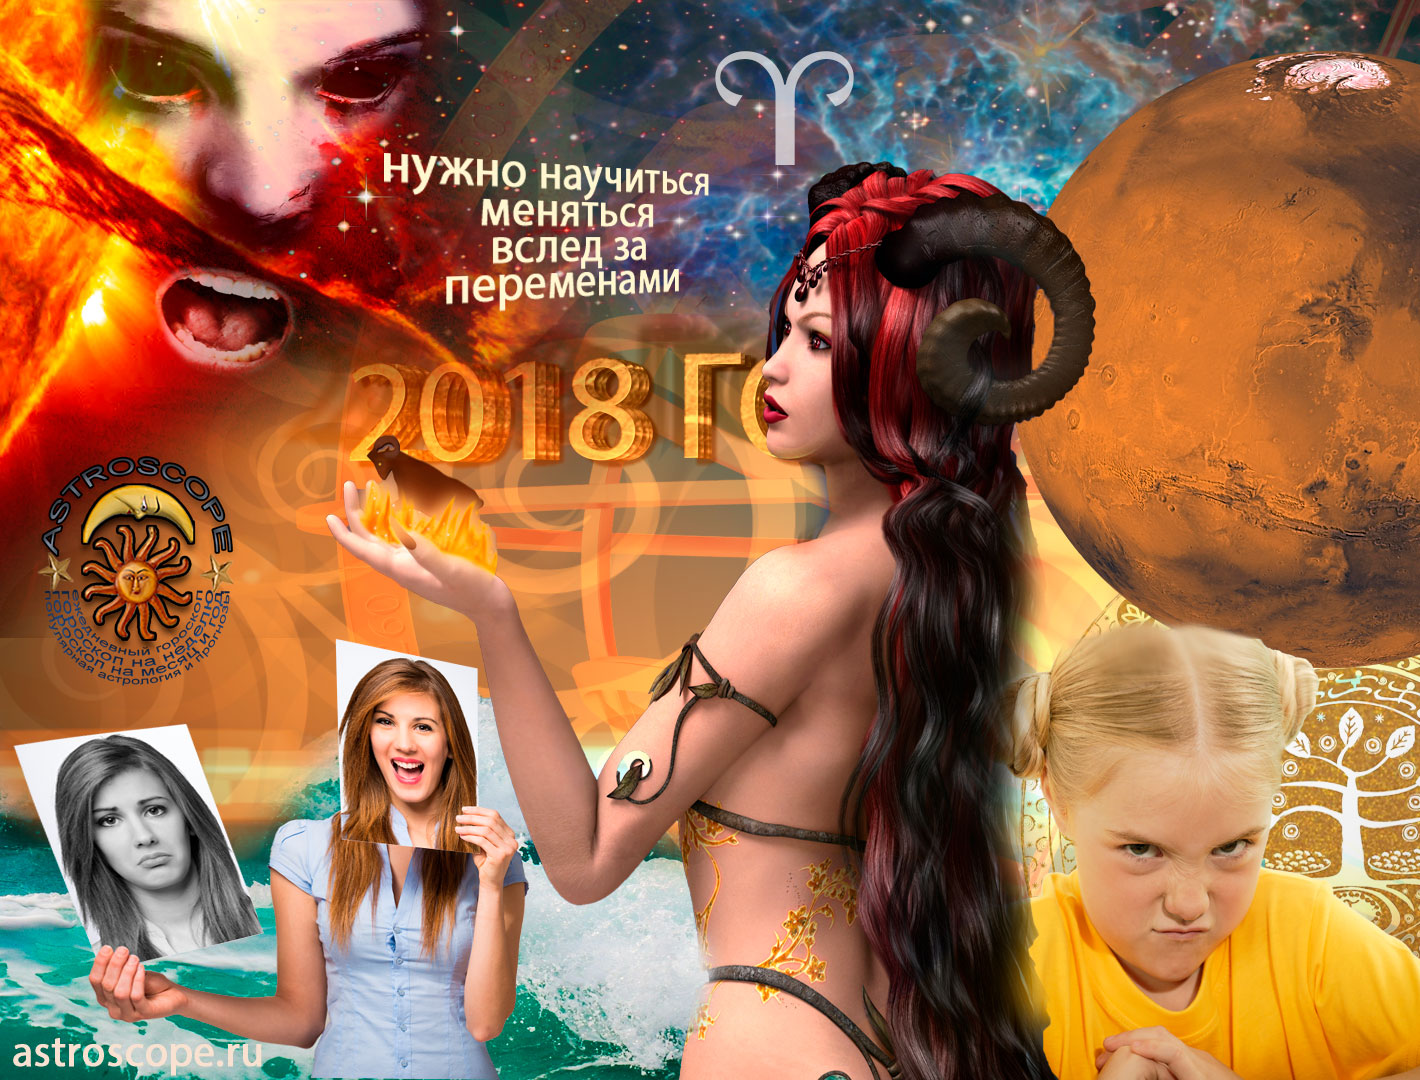 Гороскоп на 2018 Овен, что ждёт Овнов в 2018 году